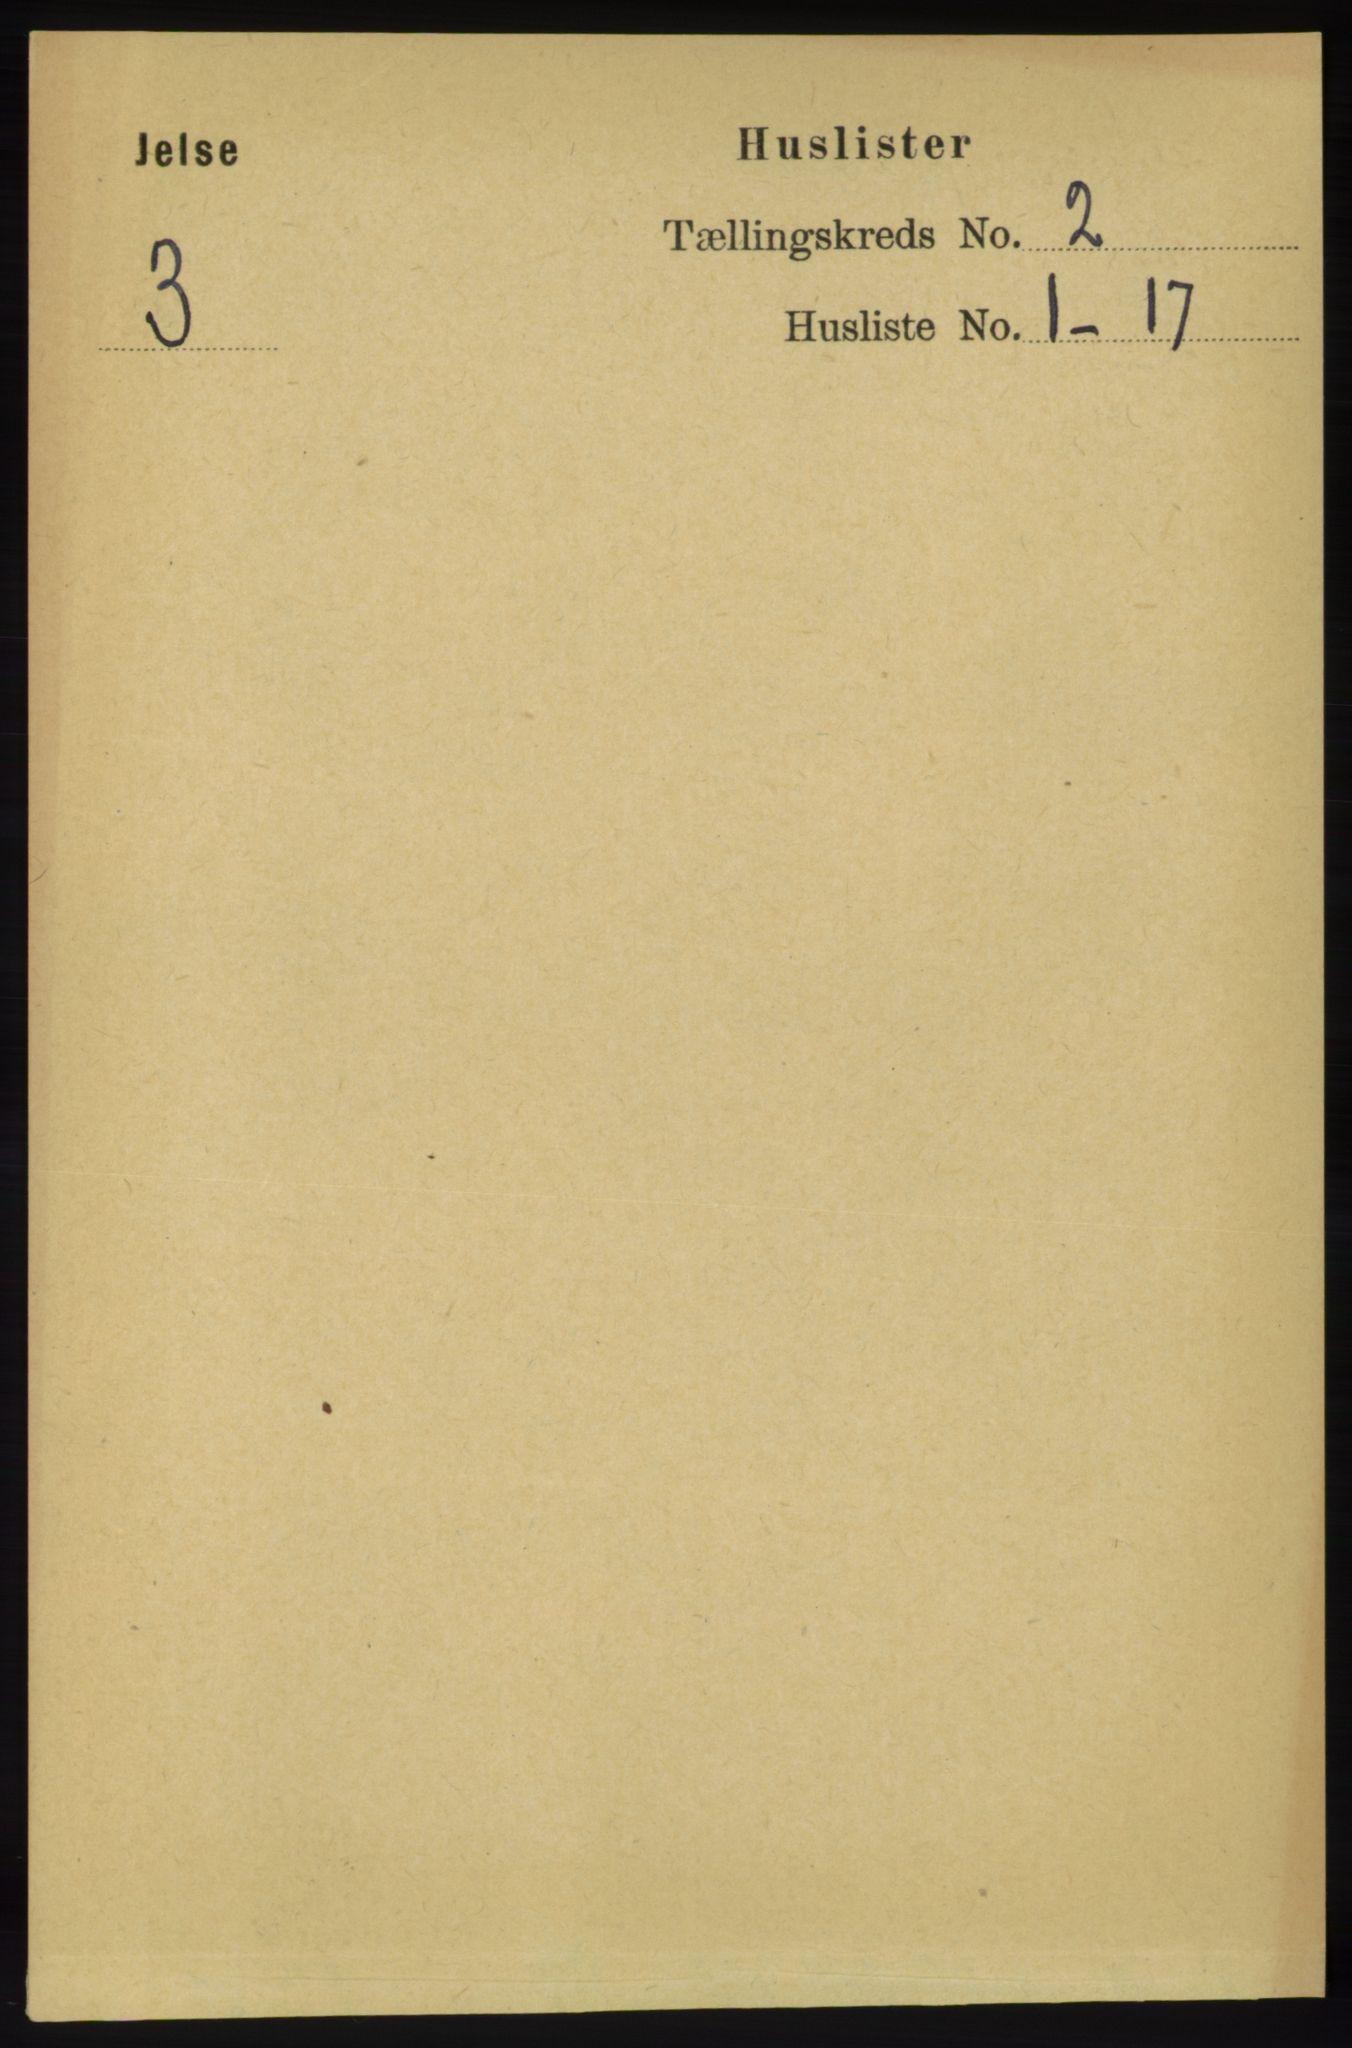 RA, Folketelling 1891 for 1138 Jelsa herred, 1891, s. 226